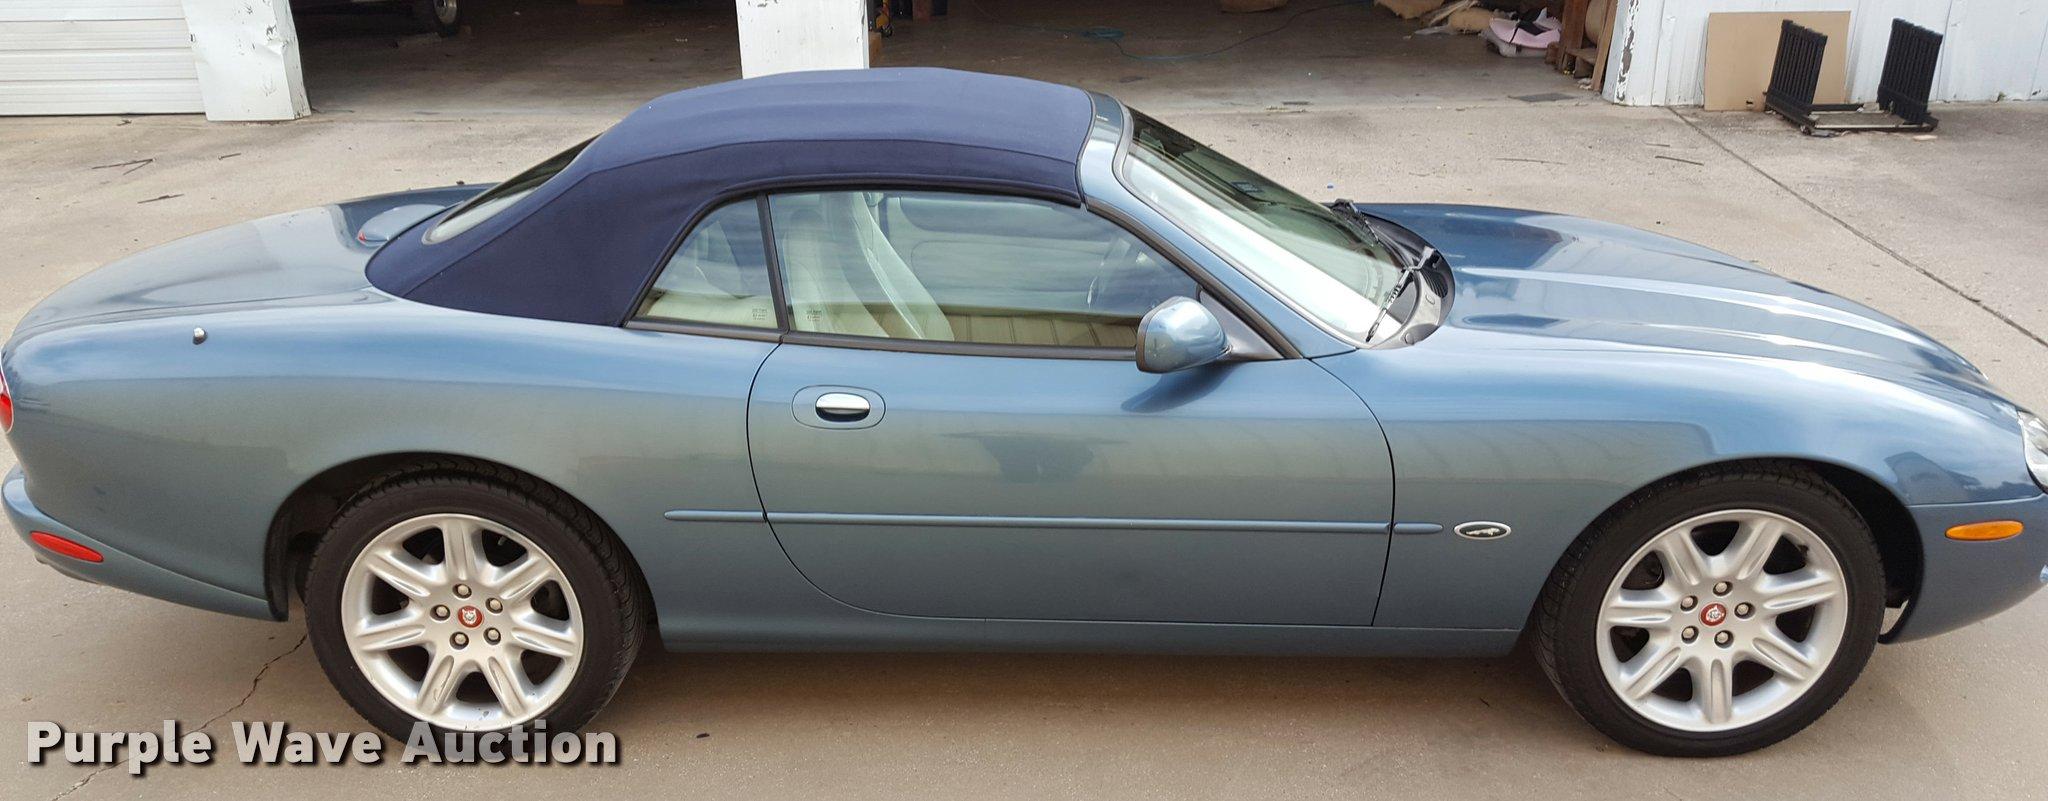 philip jaguar blue cars convertible img york used